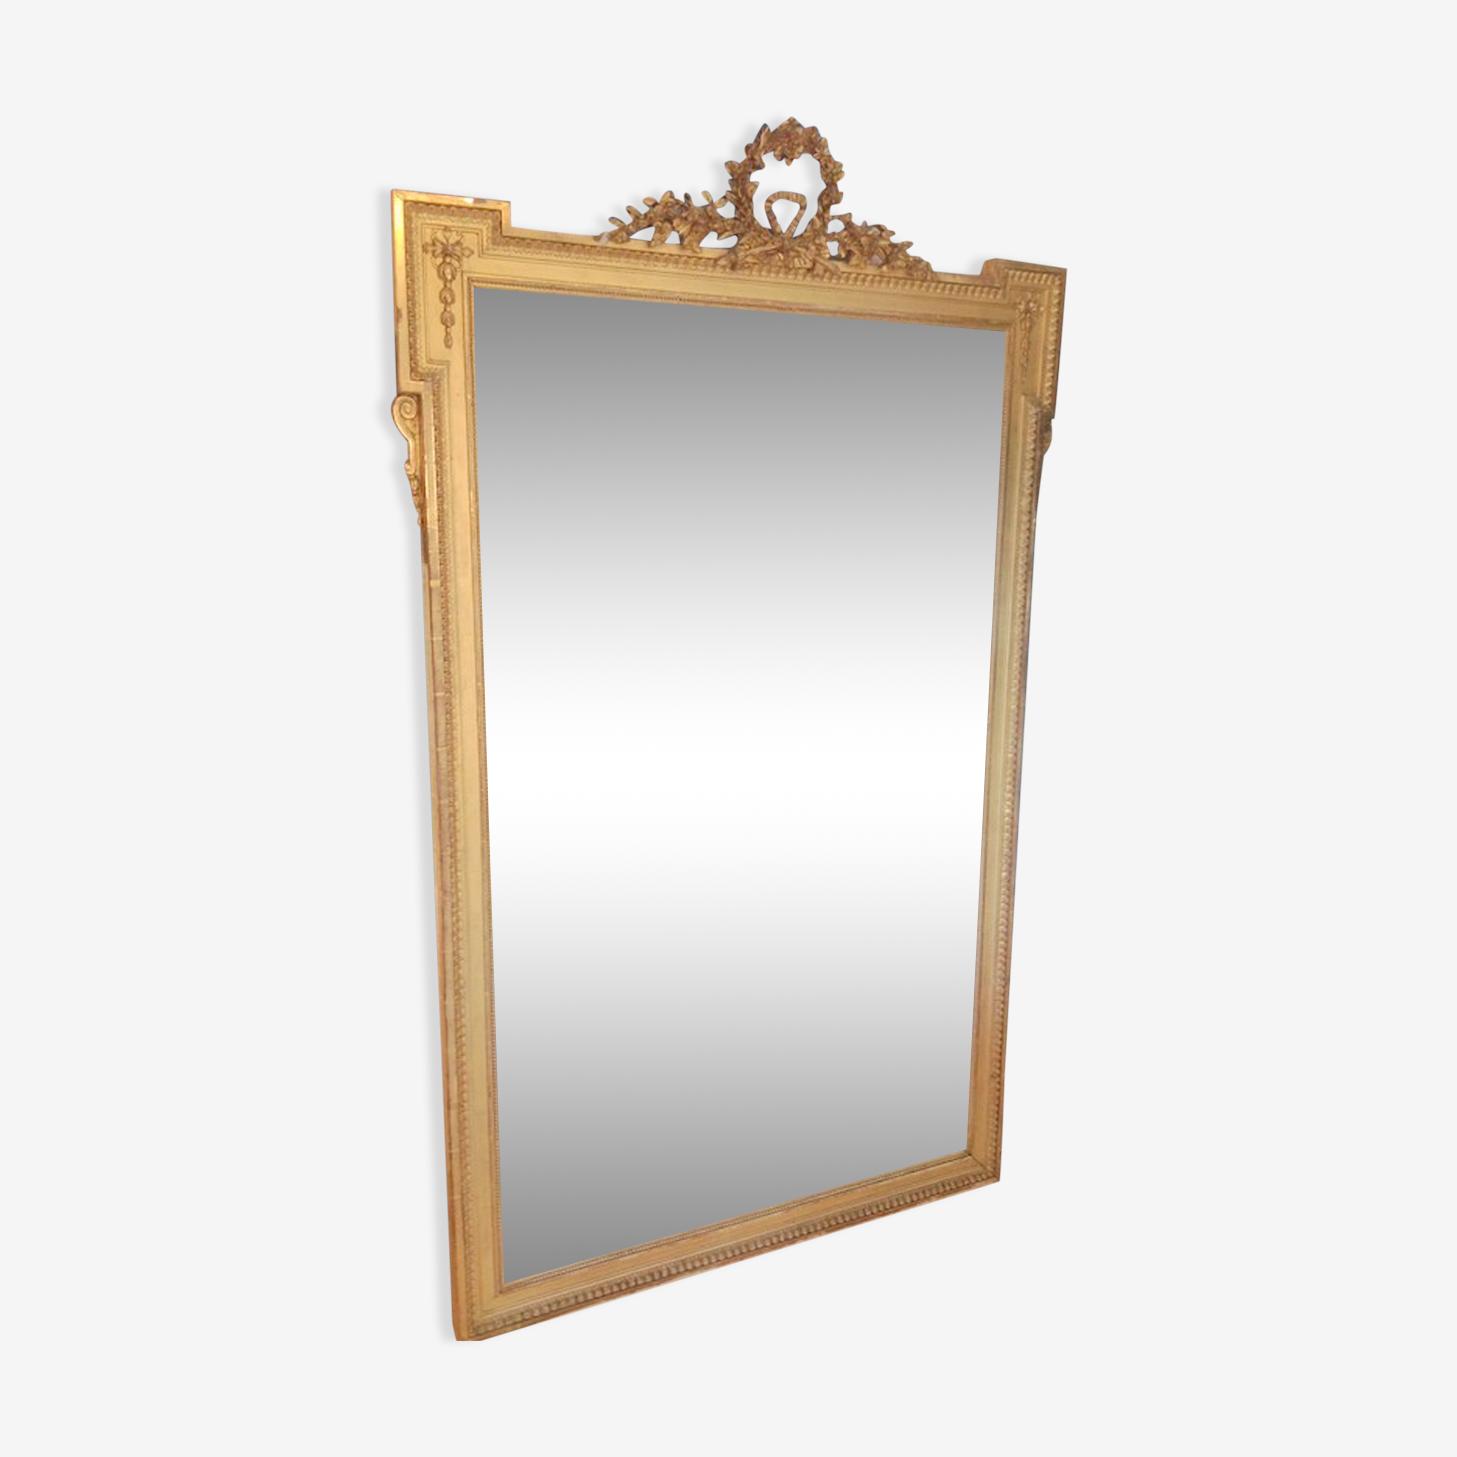 Miroir 190x90 cm cadre en bois doré style Louis XVI